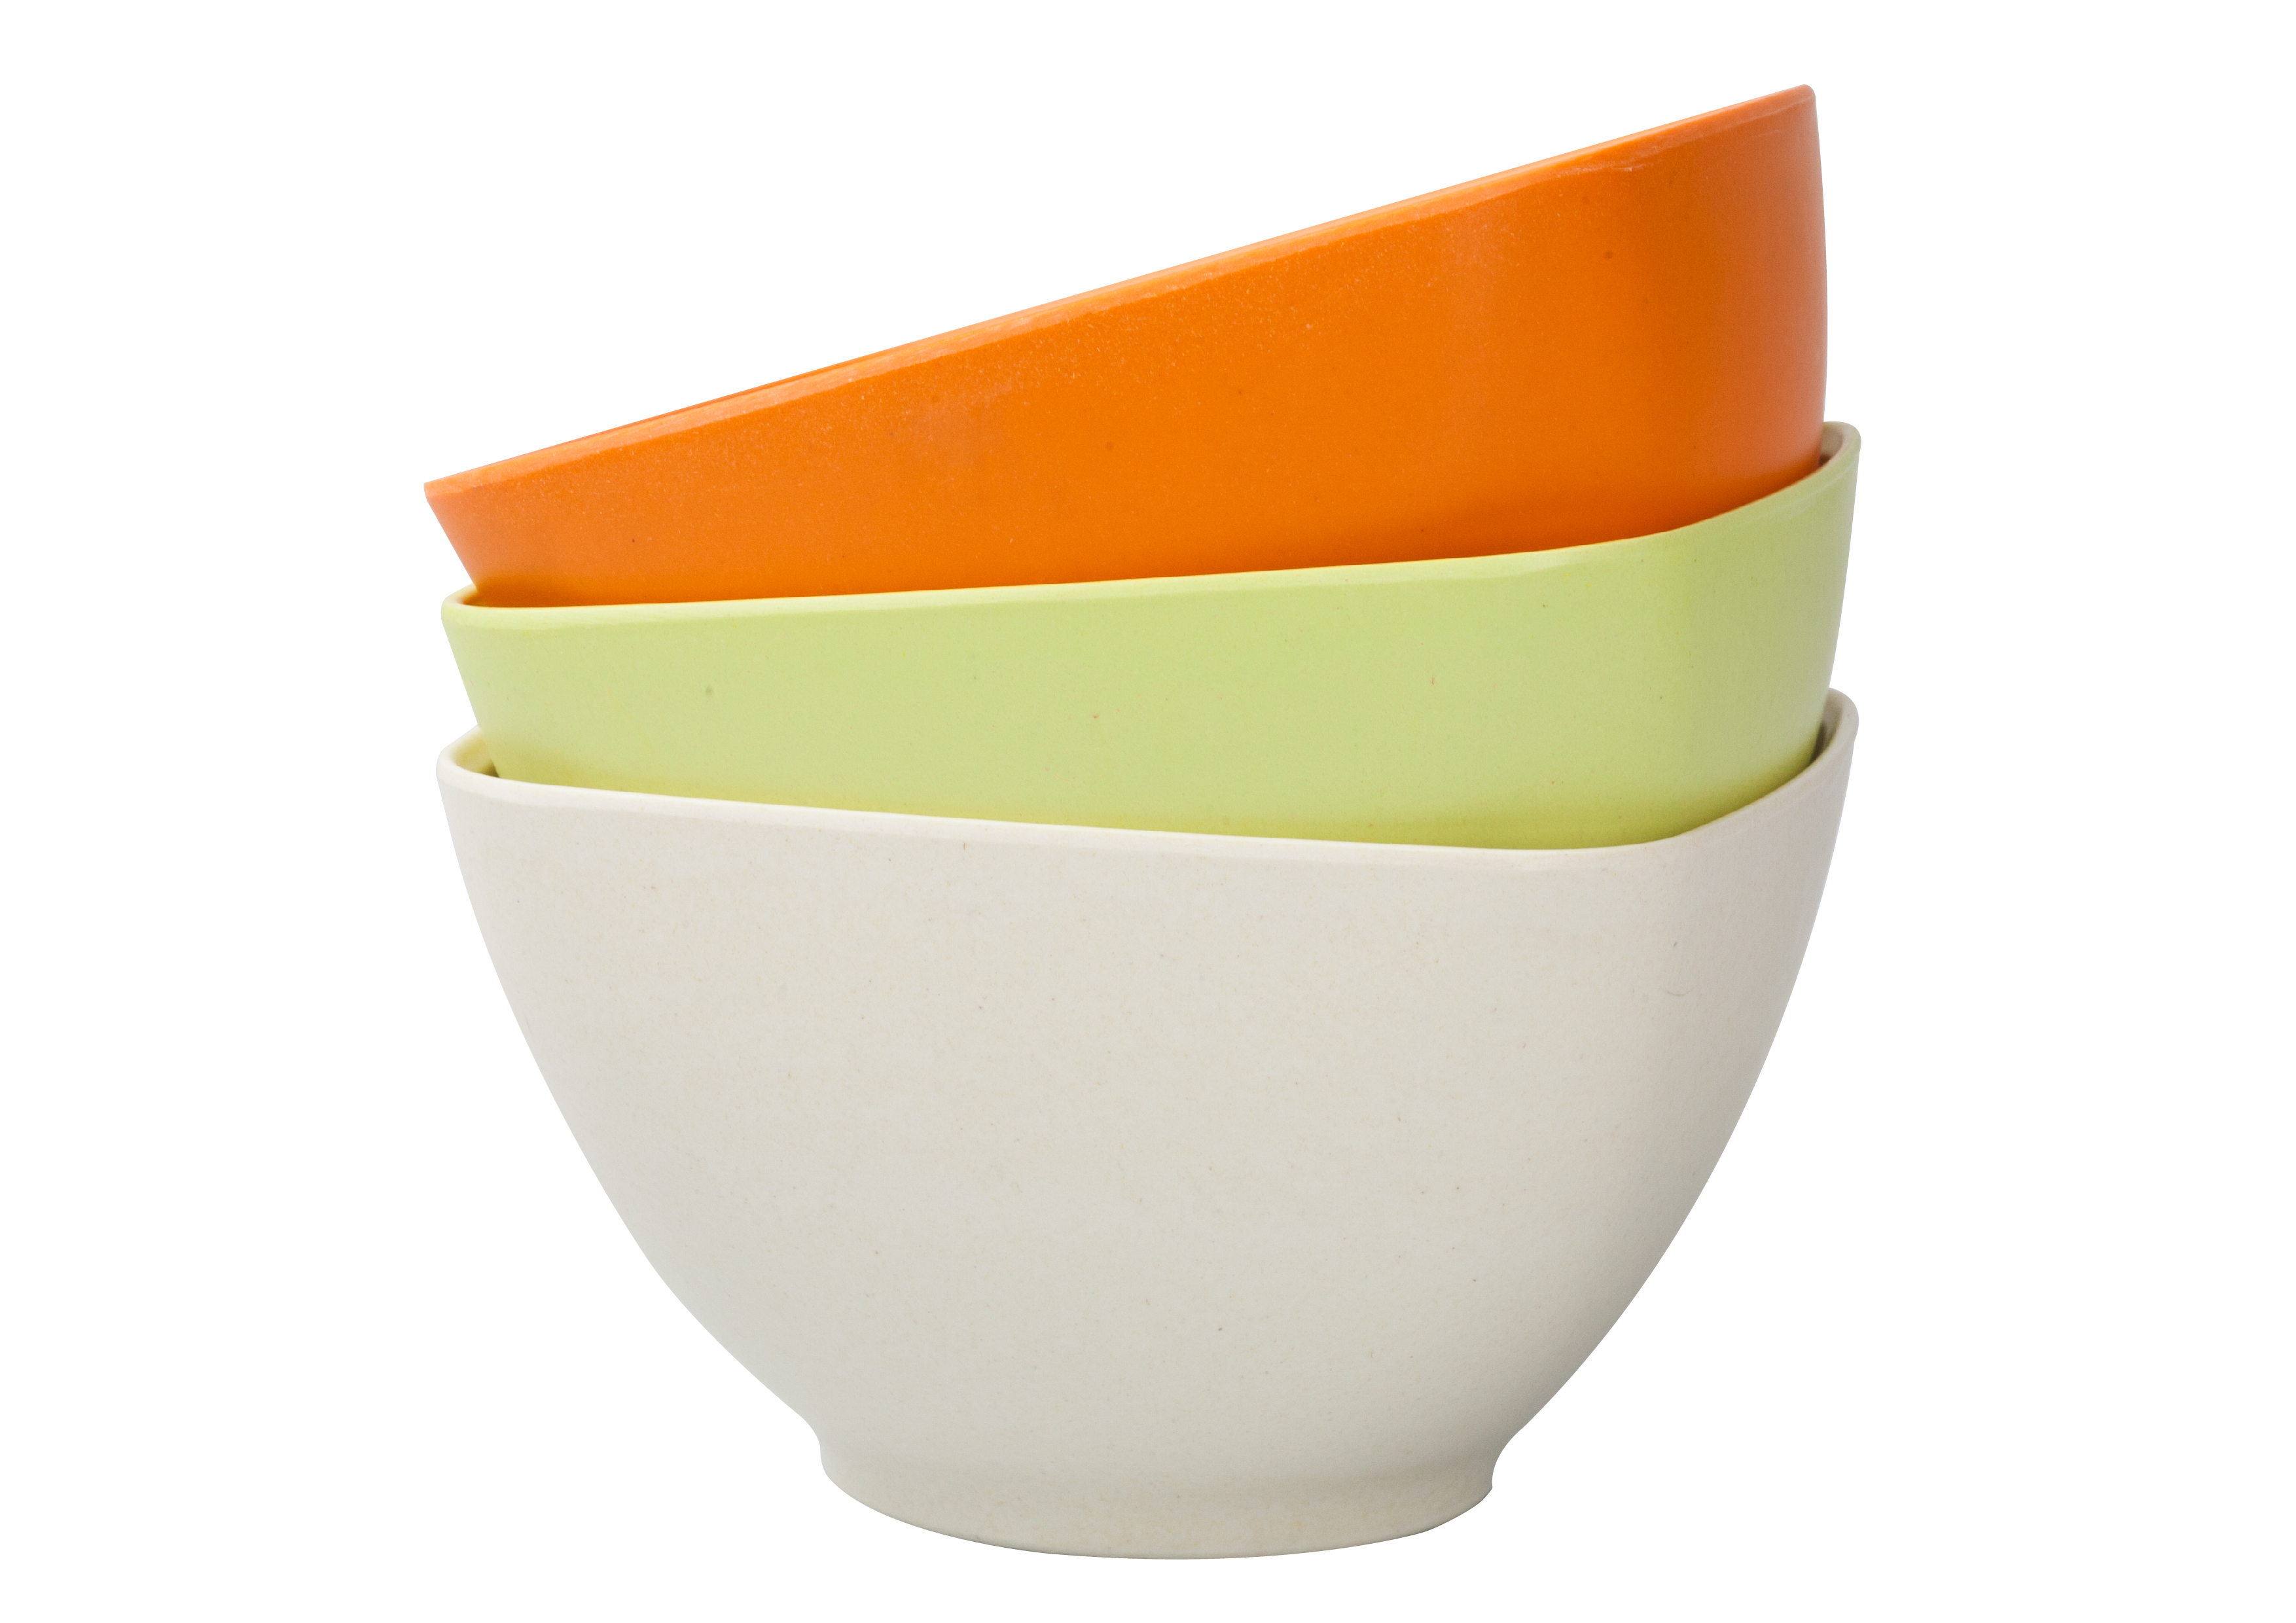 Всё для вашей яркой кухни! Керамические ножи черные и белые, супер подставки под ножи, яркие столовые приборы, красочные весы, разделочный доски. Миски, тарелки, лопатки из бамбука. Стоп 23.03!